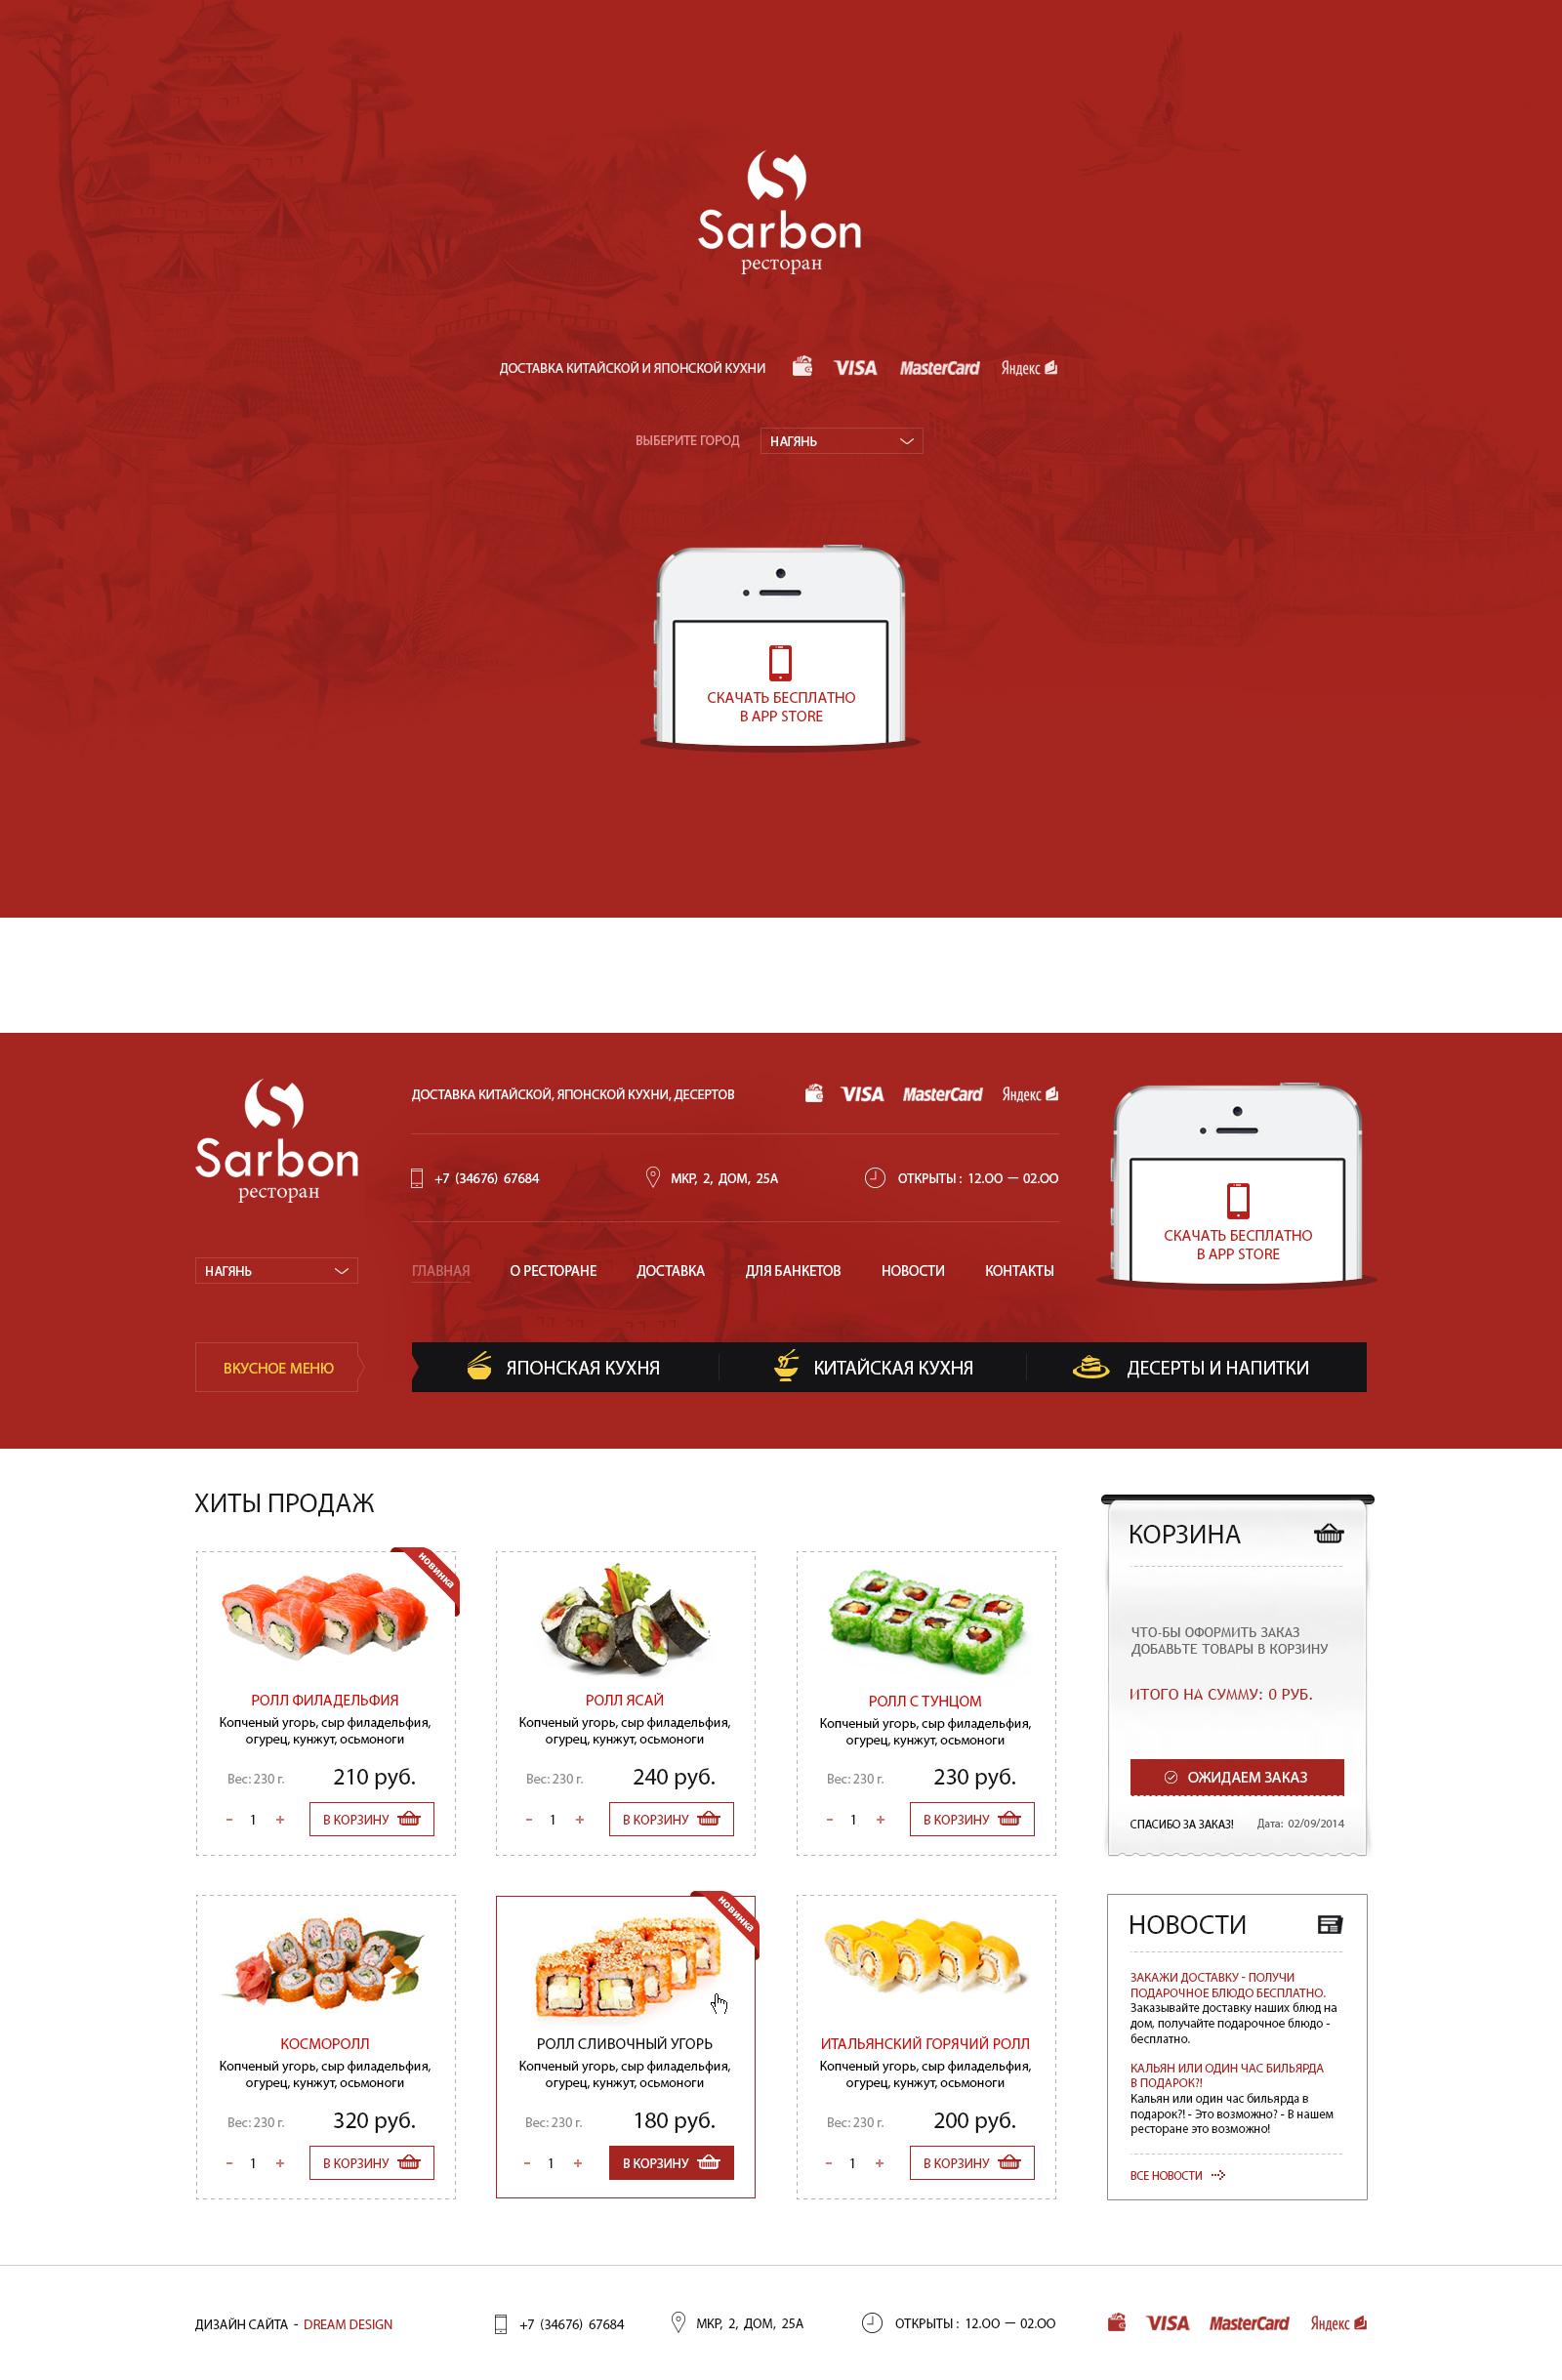 Sarbon - ресторан, доставка еды